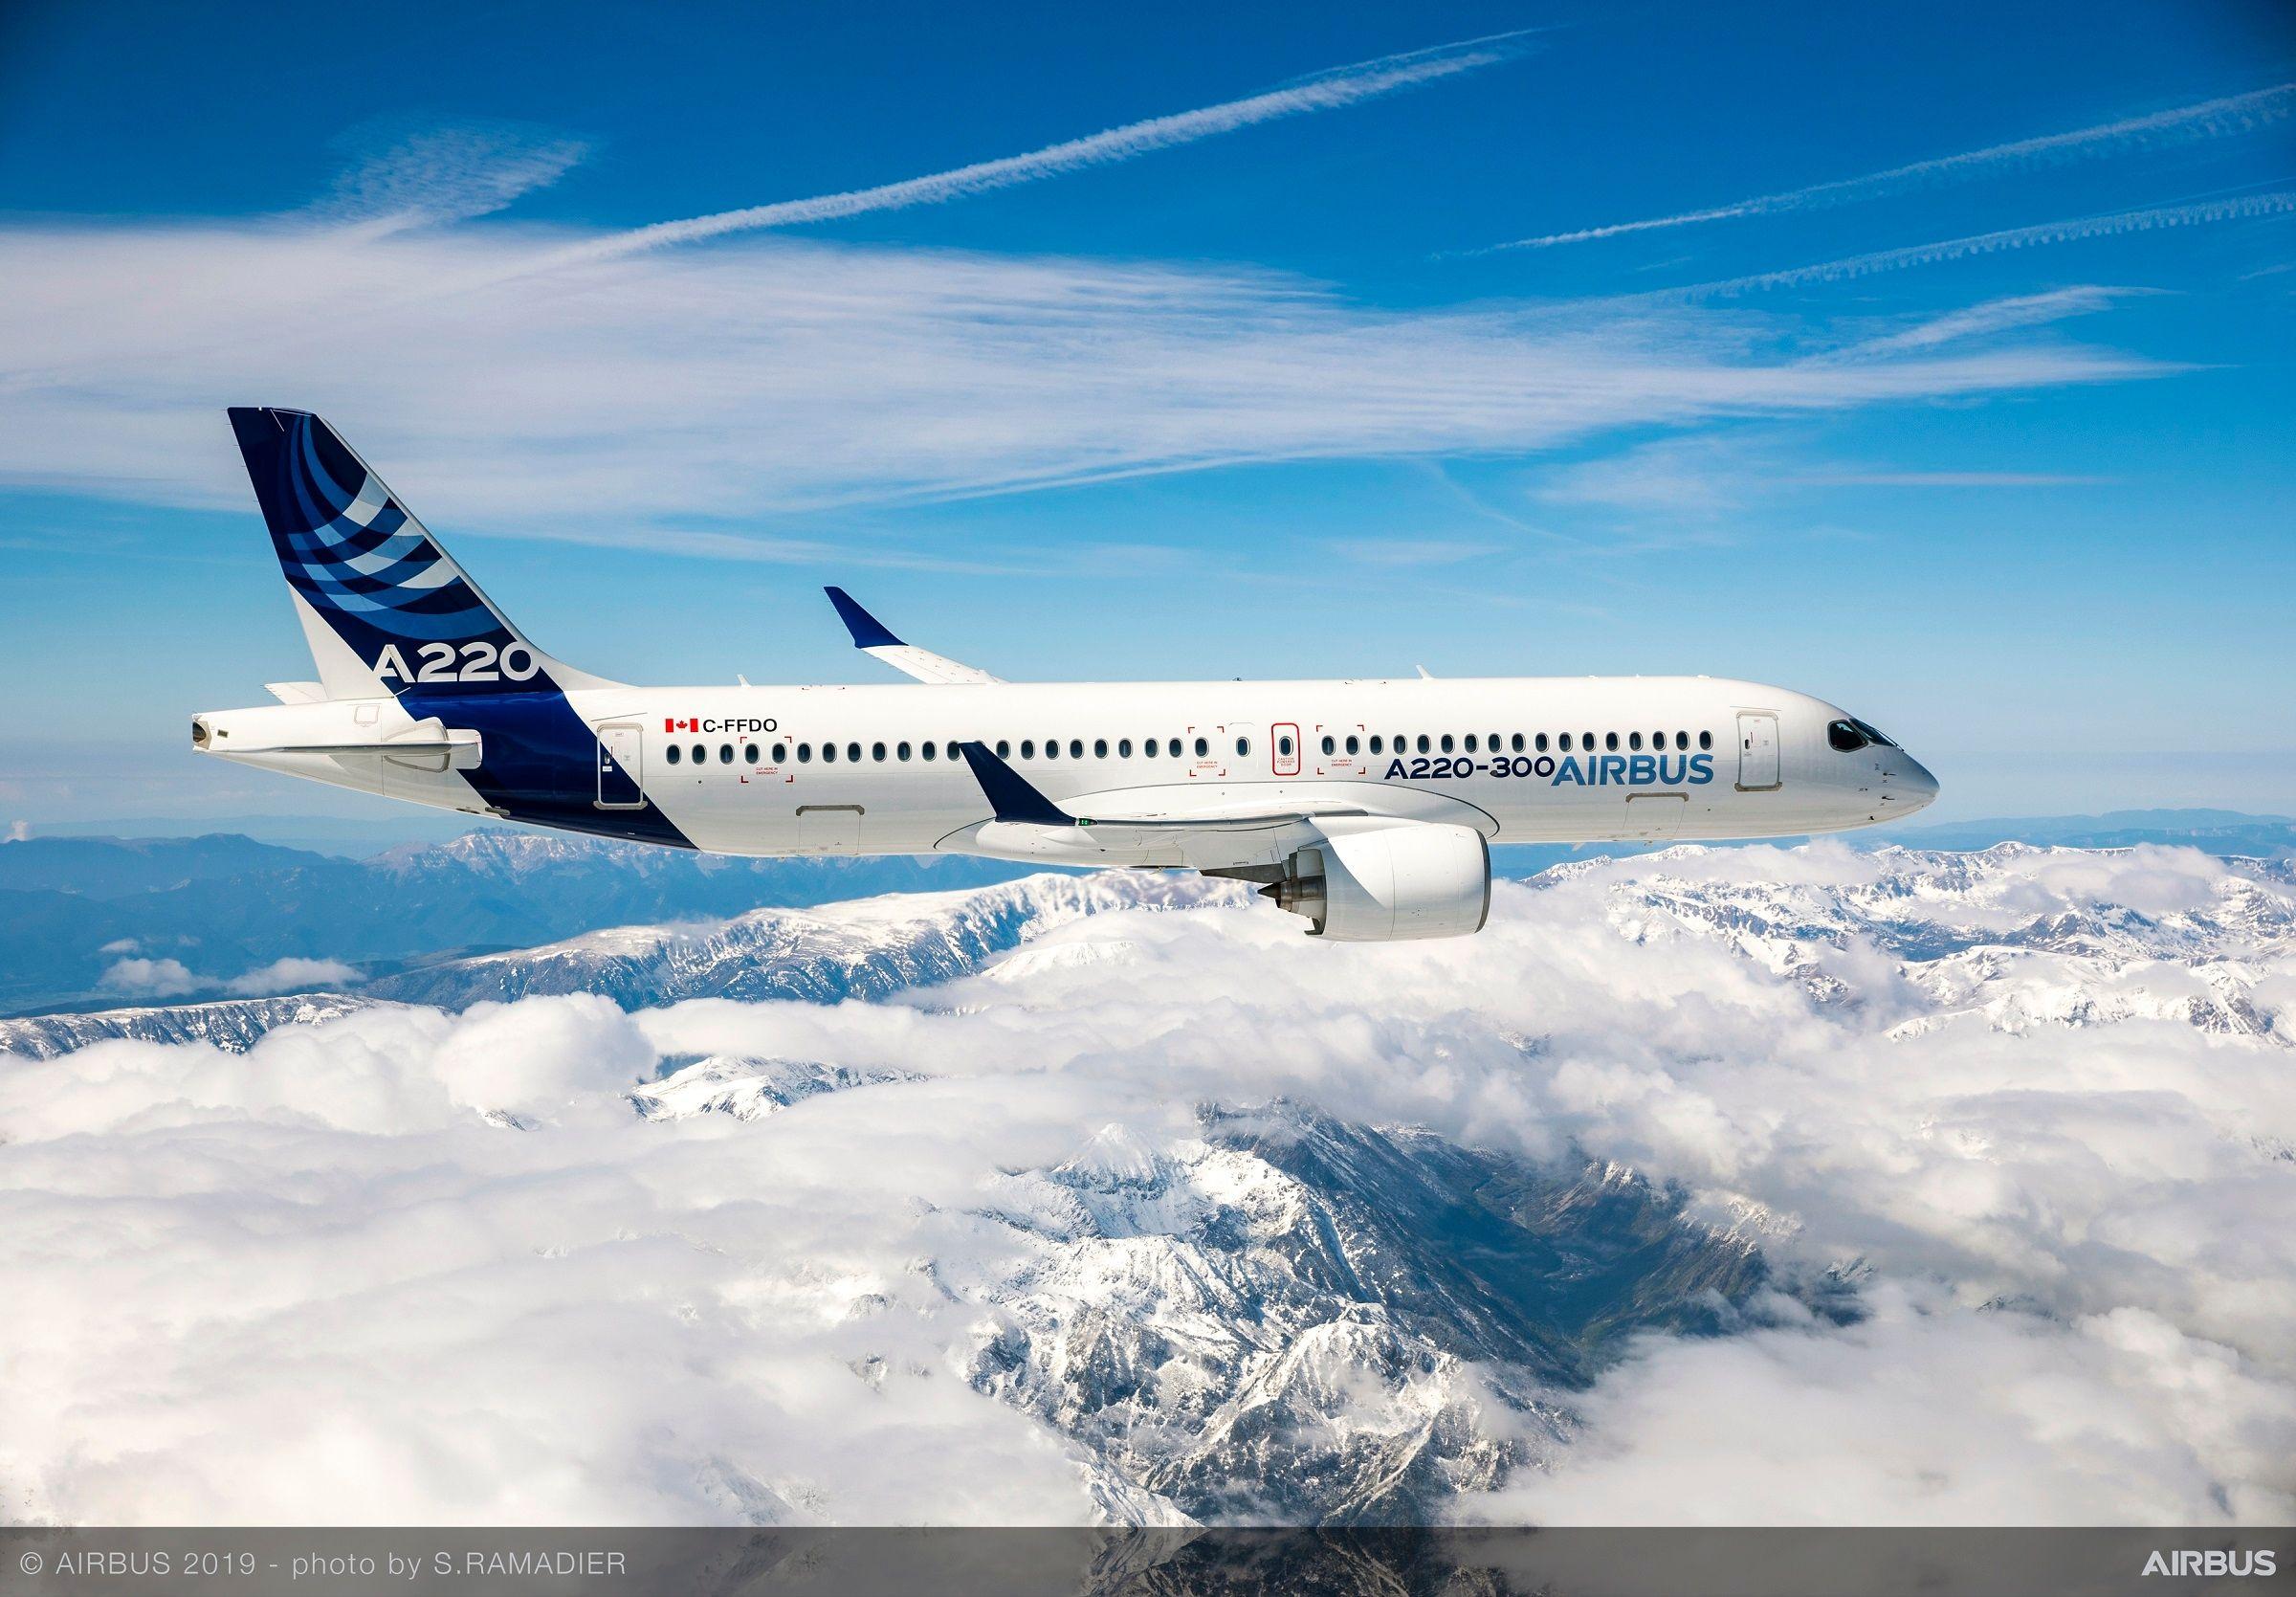 中小型航空市场的新发展与新机遇卓越之选——空客A220系列飞机